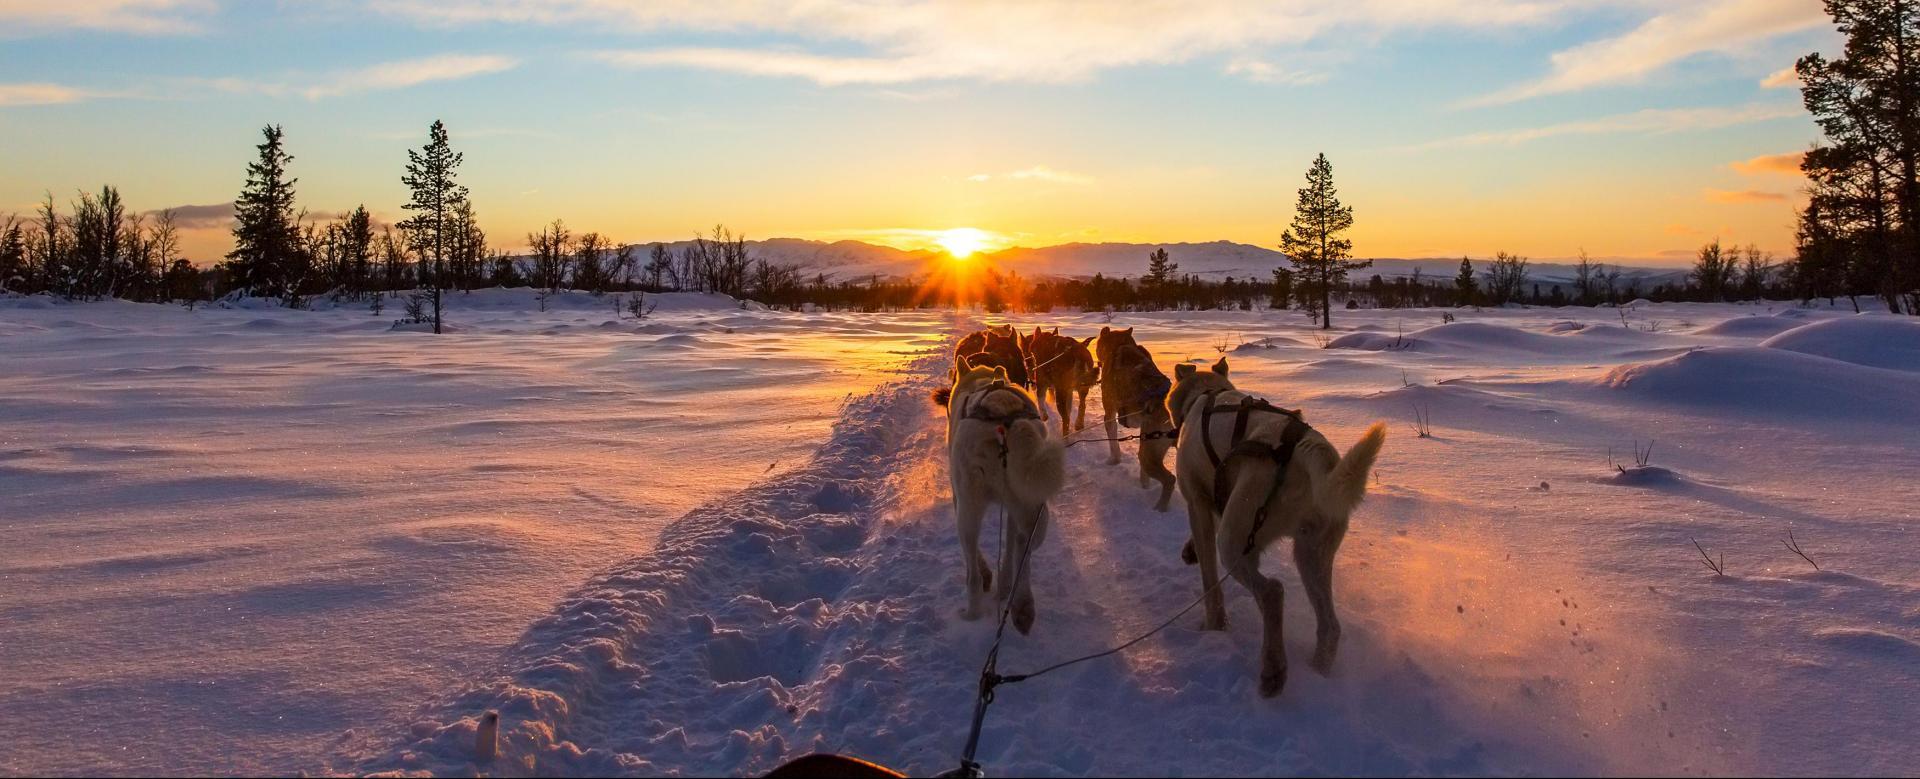 Voyage à la neige : Québec : aventure en traîneau à chiens